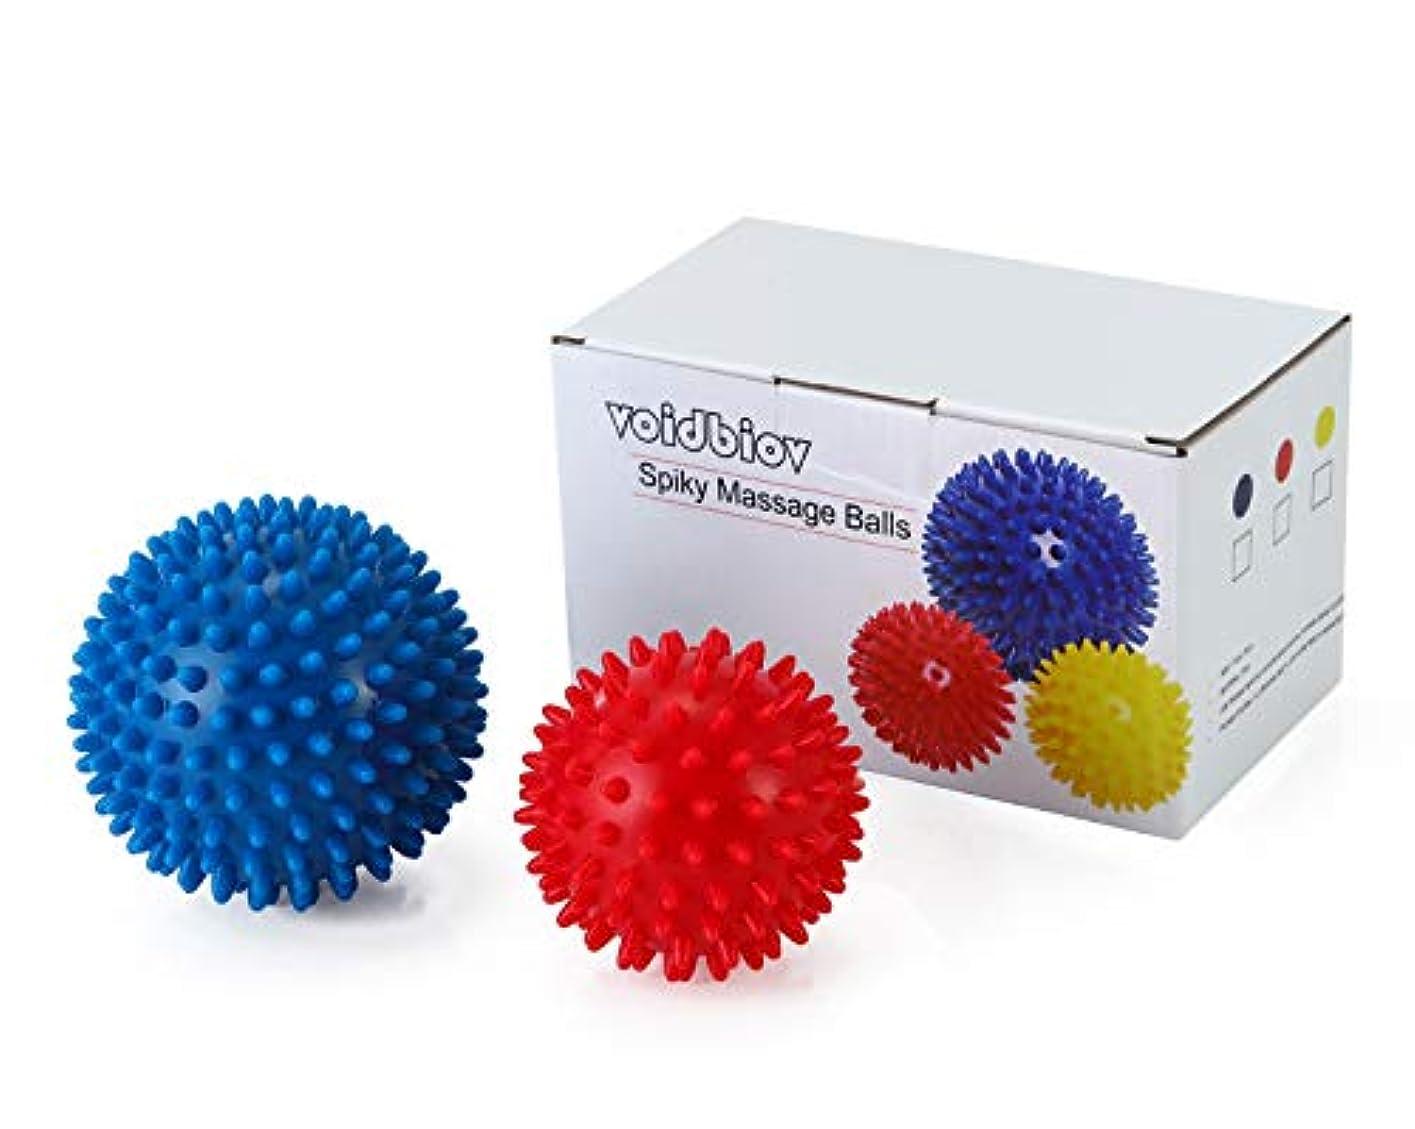 最少パテ種をまくマッサージボール【9CM/7.5CM 2個セットと収納袋】PVCトリガーポイントリフレックスボール、筋肉緊張和らげ、エクササイズ ヨガ ボール ピラティス リハビリトレーニングツール